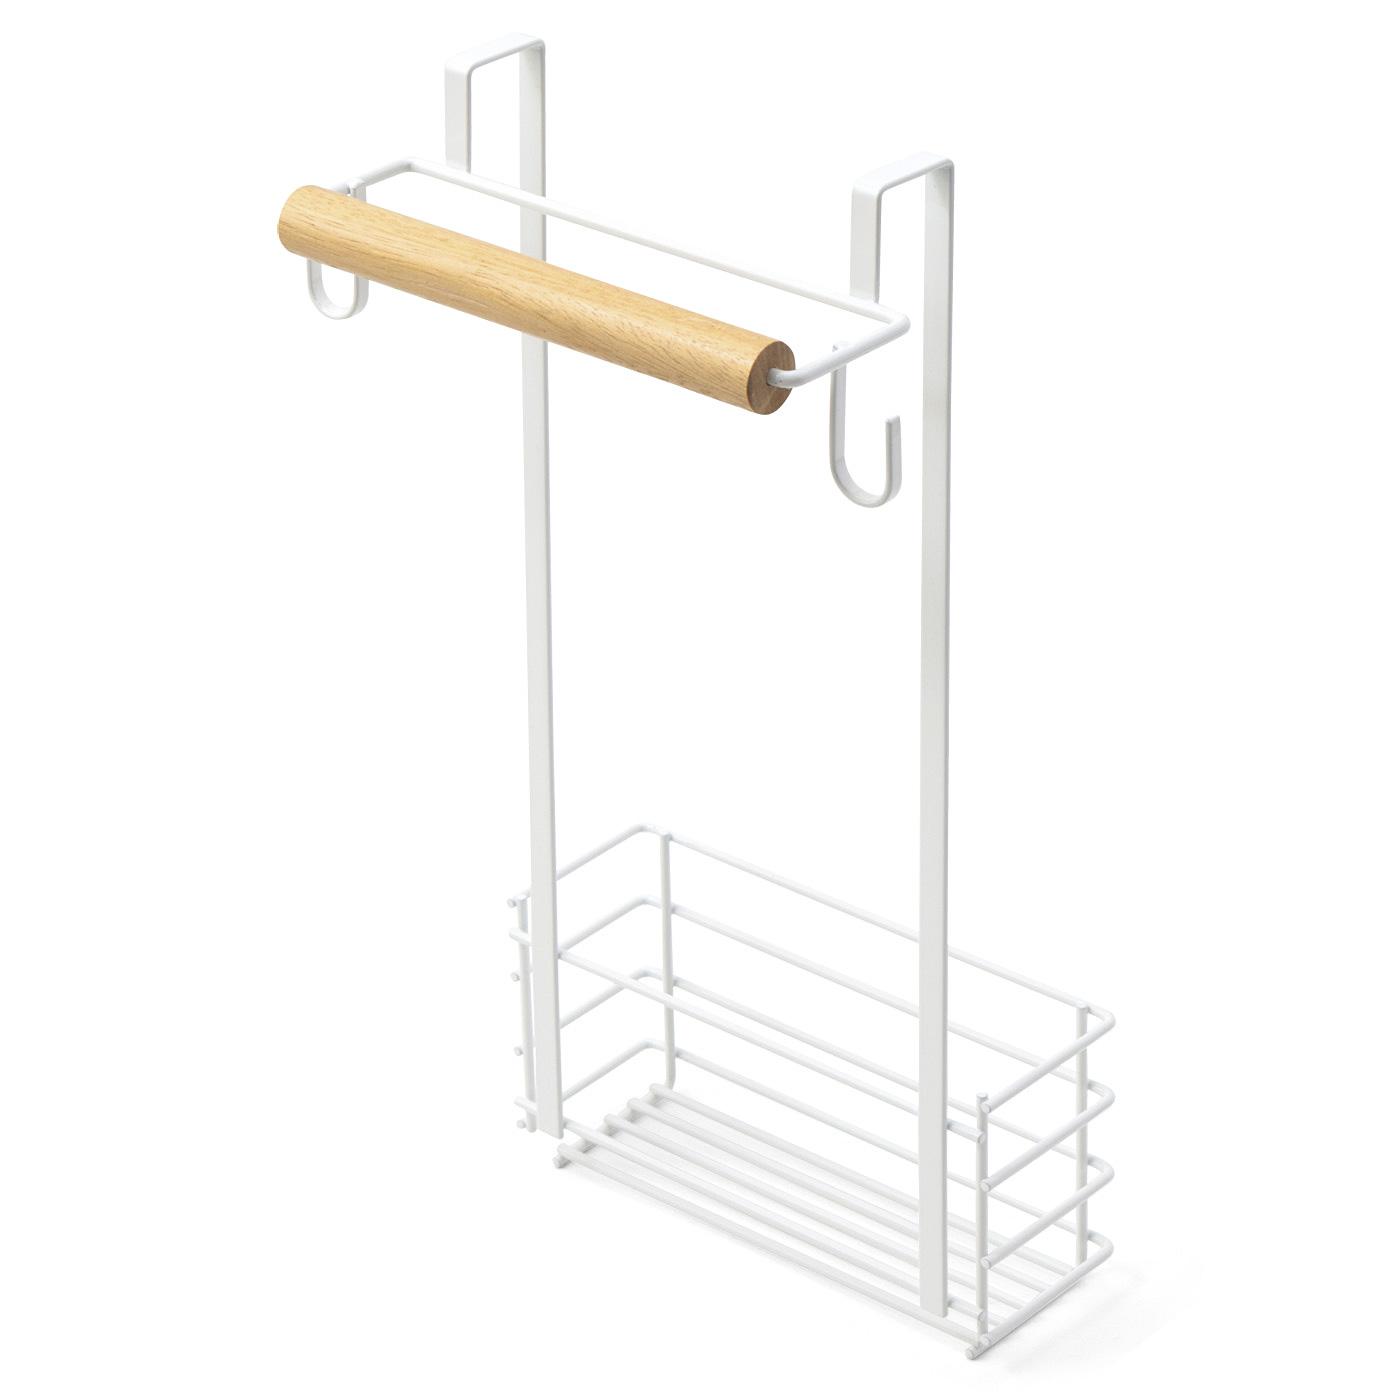 ハンガーひとつで、タオル掛けと収納ラック、つり下げフックの3役こなします。